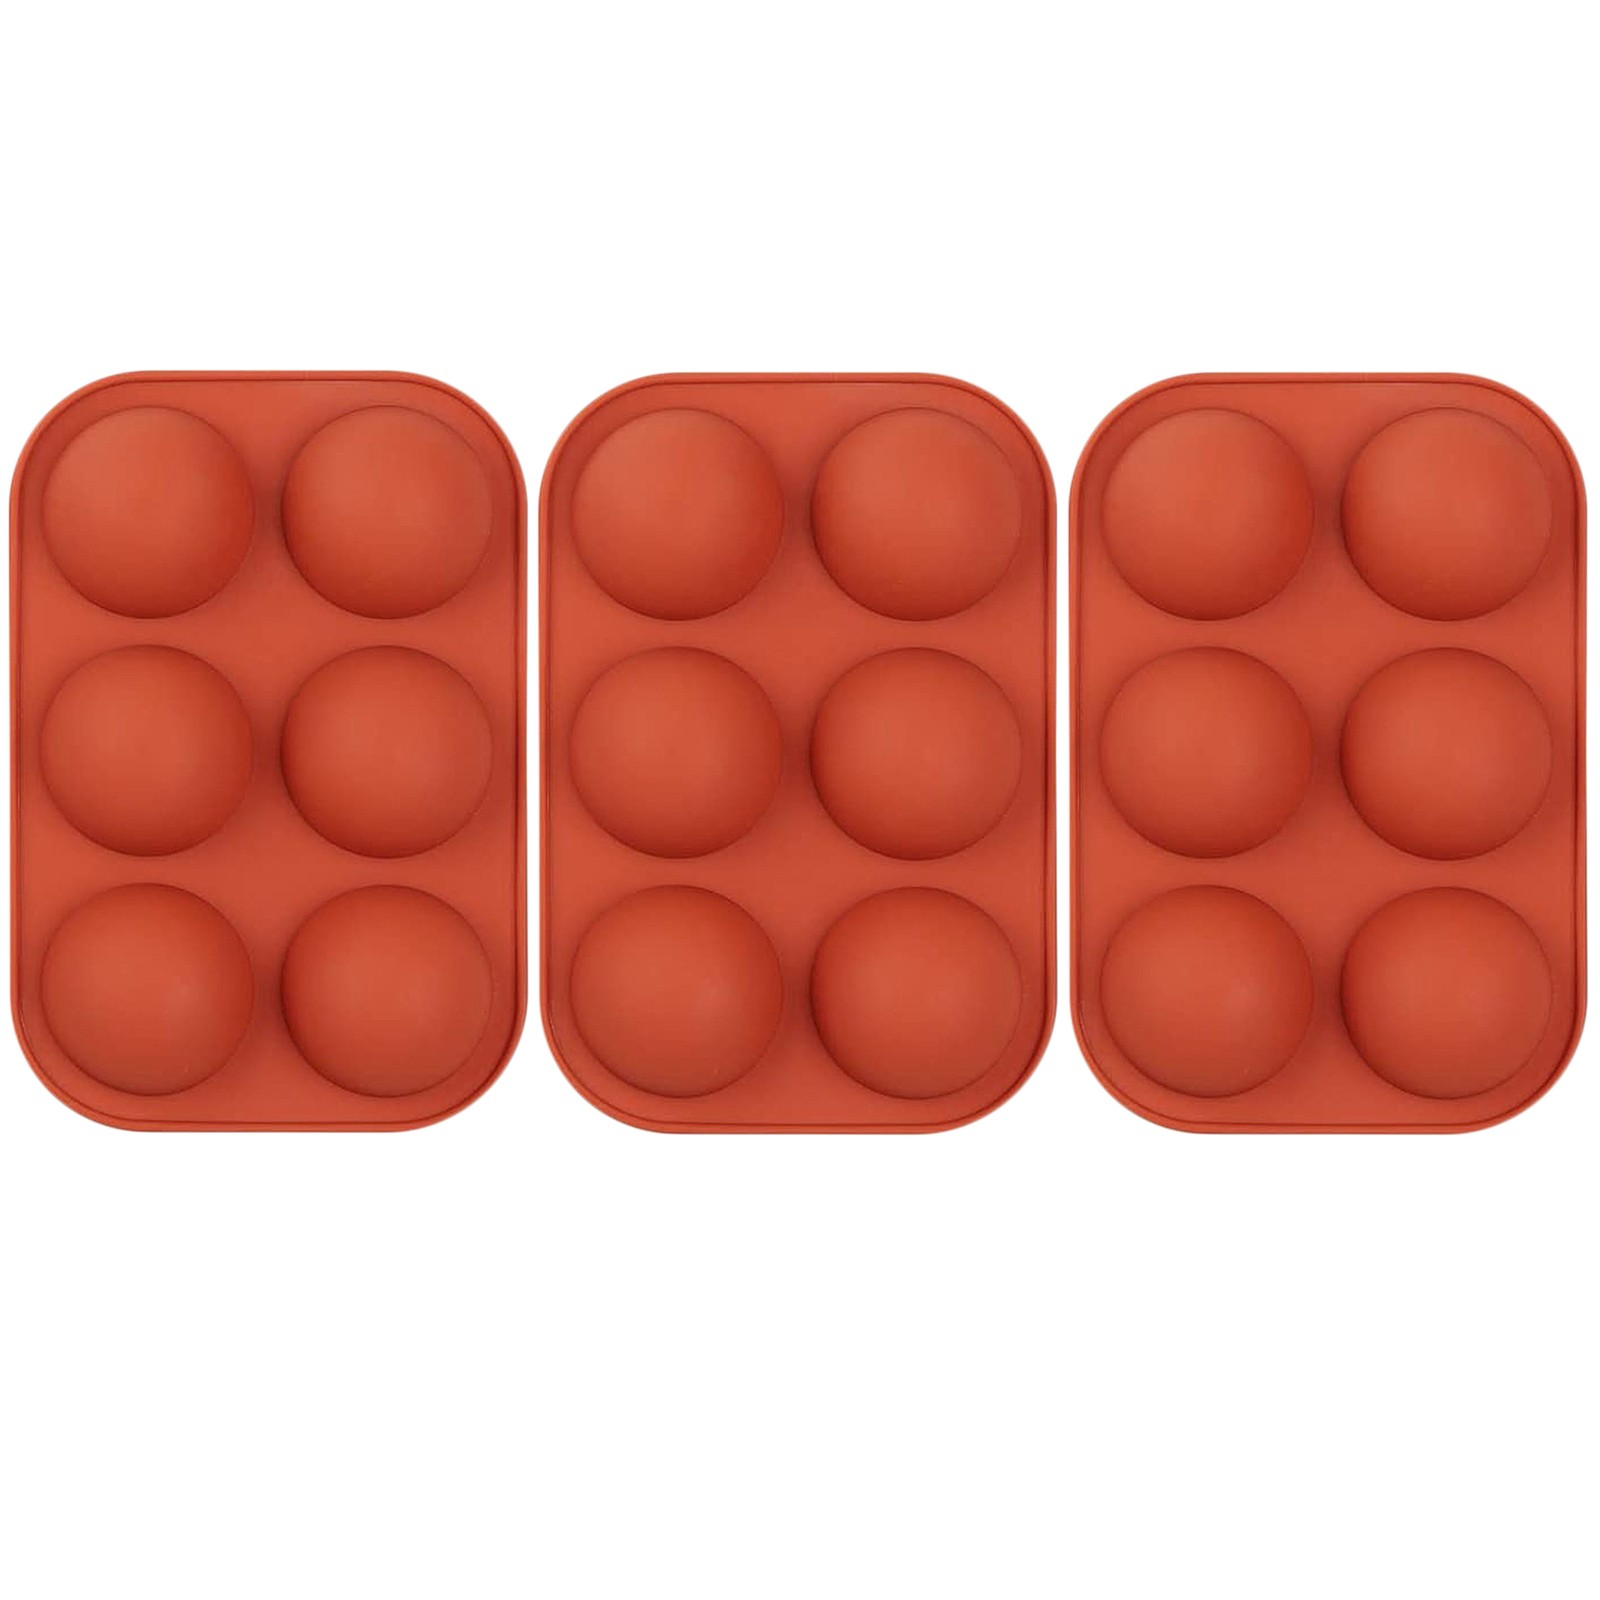 Полусферическая силиконовая форма, 3 упаковки, форма для выпечки для изготовления шоколада, торта, желе, Купола, форма для кастрюль, инструме...